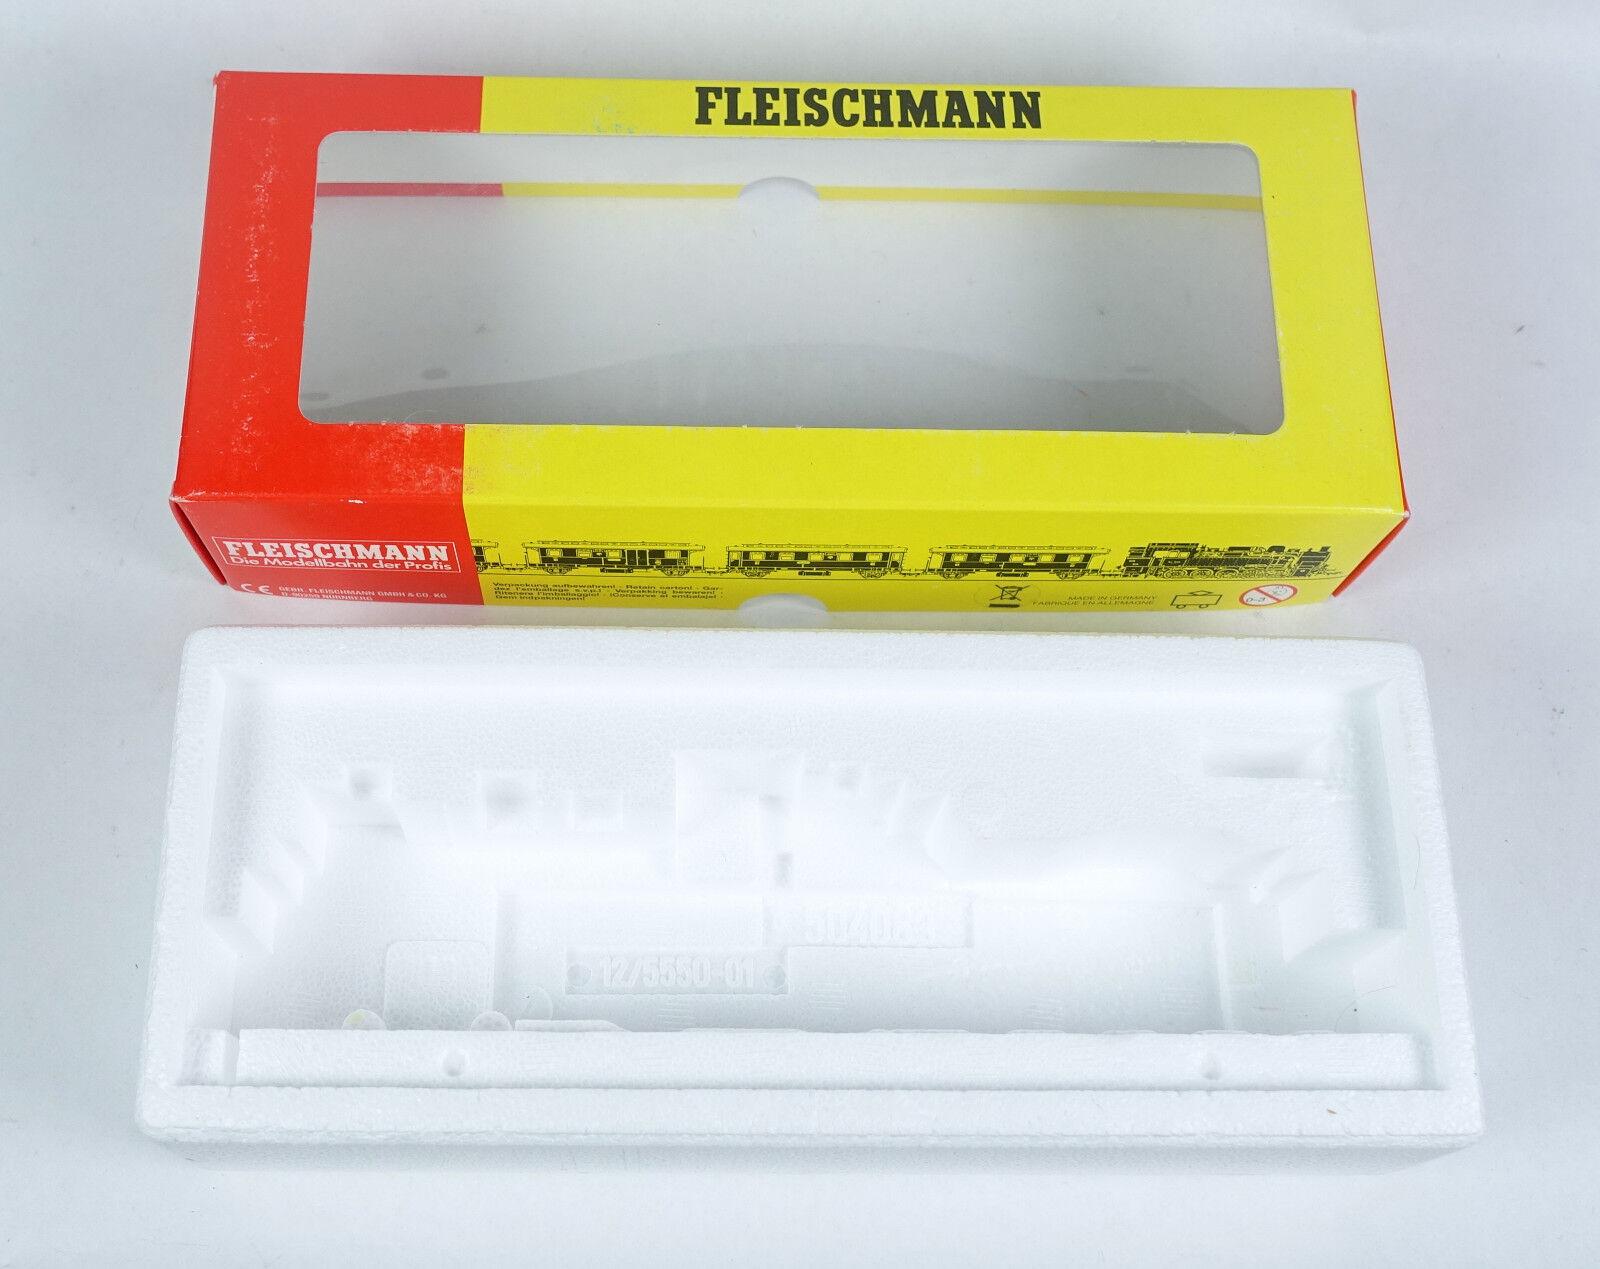 Fleischmann Scatola Vuota 1114 locomotiva BR 13 521 521 521 vuoto imballaggio OVP EMPTY BOX h0. 10a703